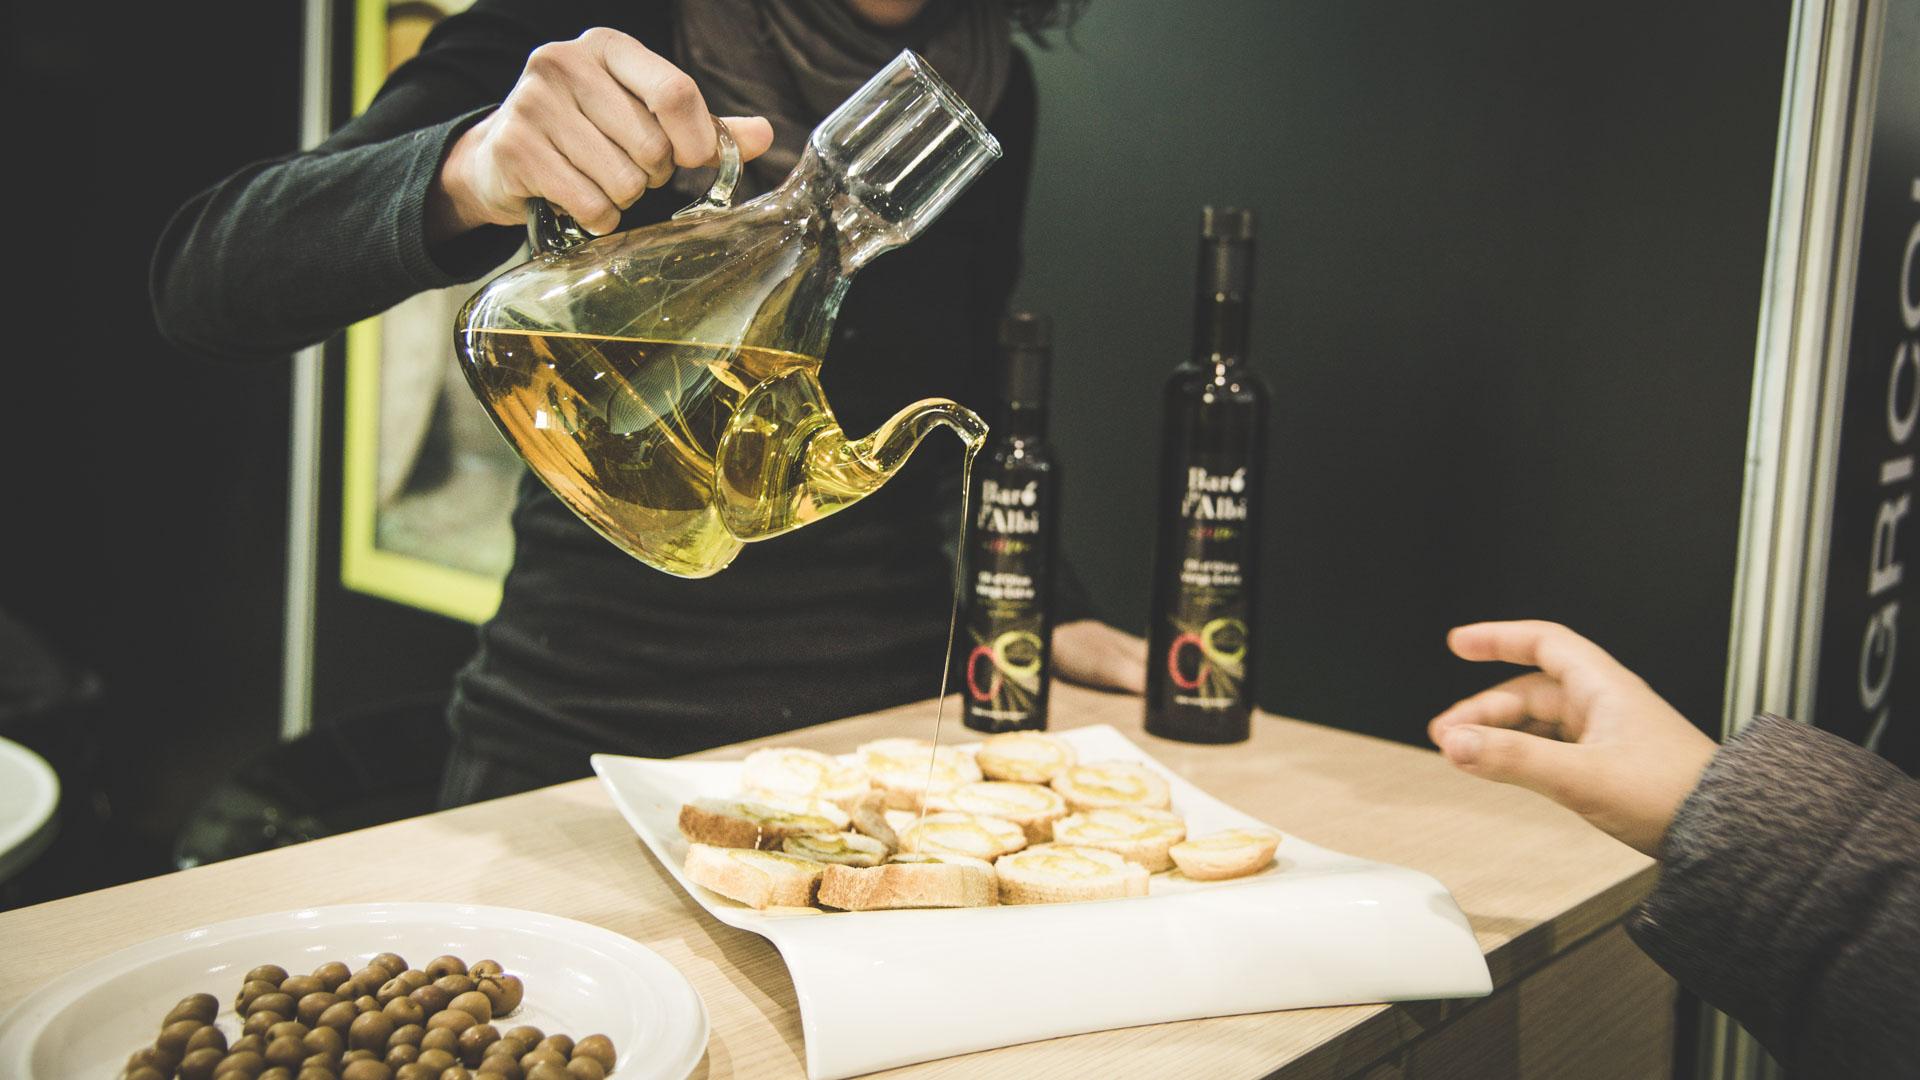 Oli d'oliva verge extra. Cooperativa Agrícola de l'Albi. Tast oli a la Fira d'oli de les Borges Blanques